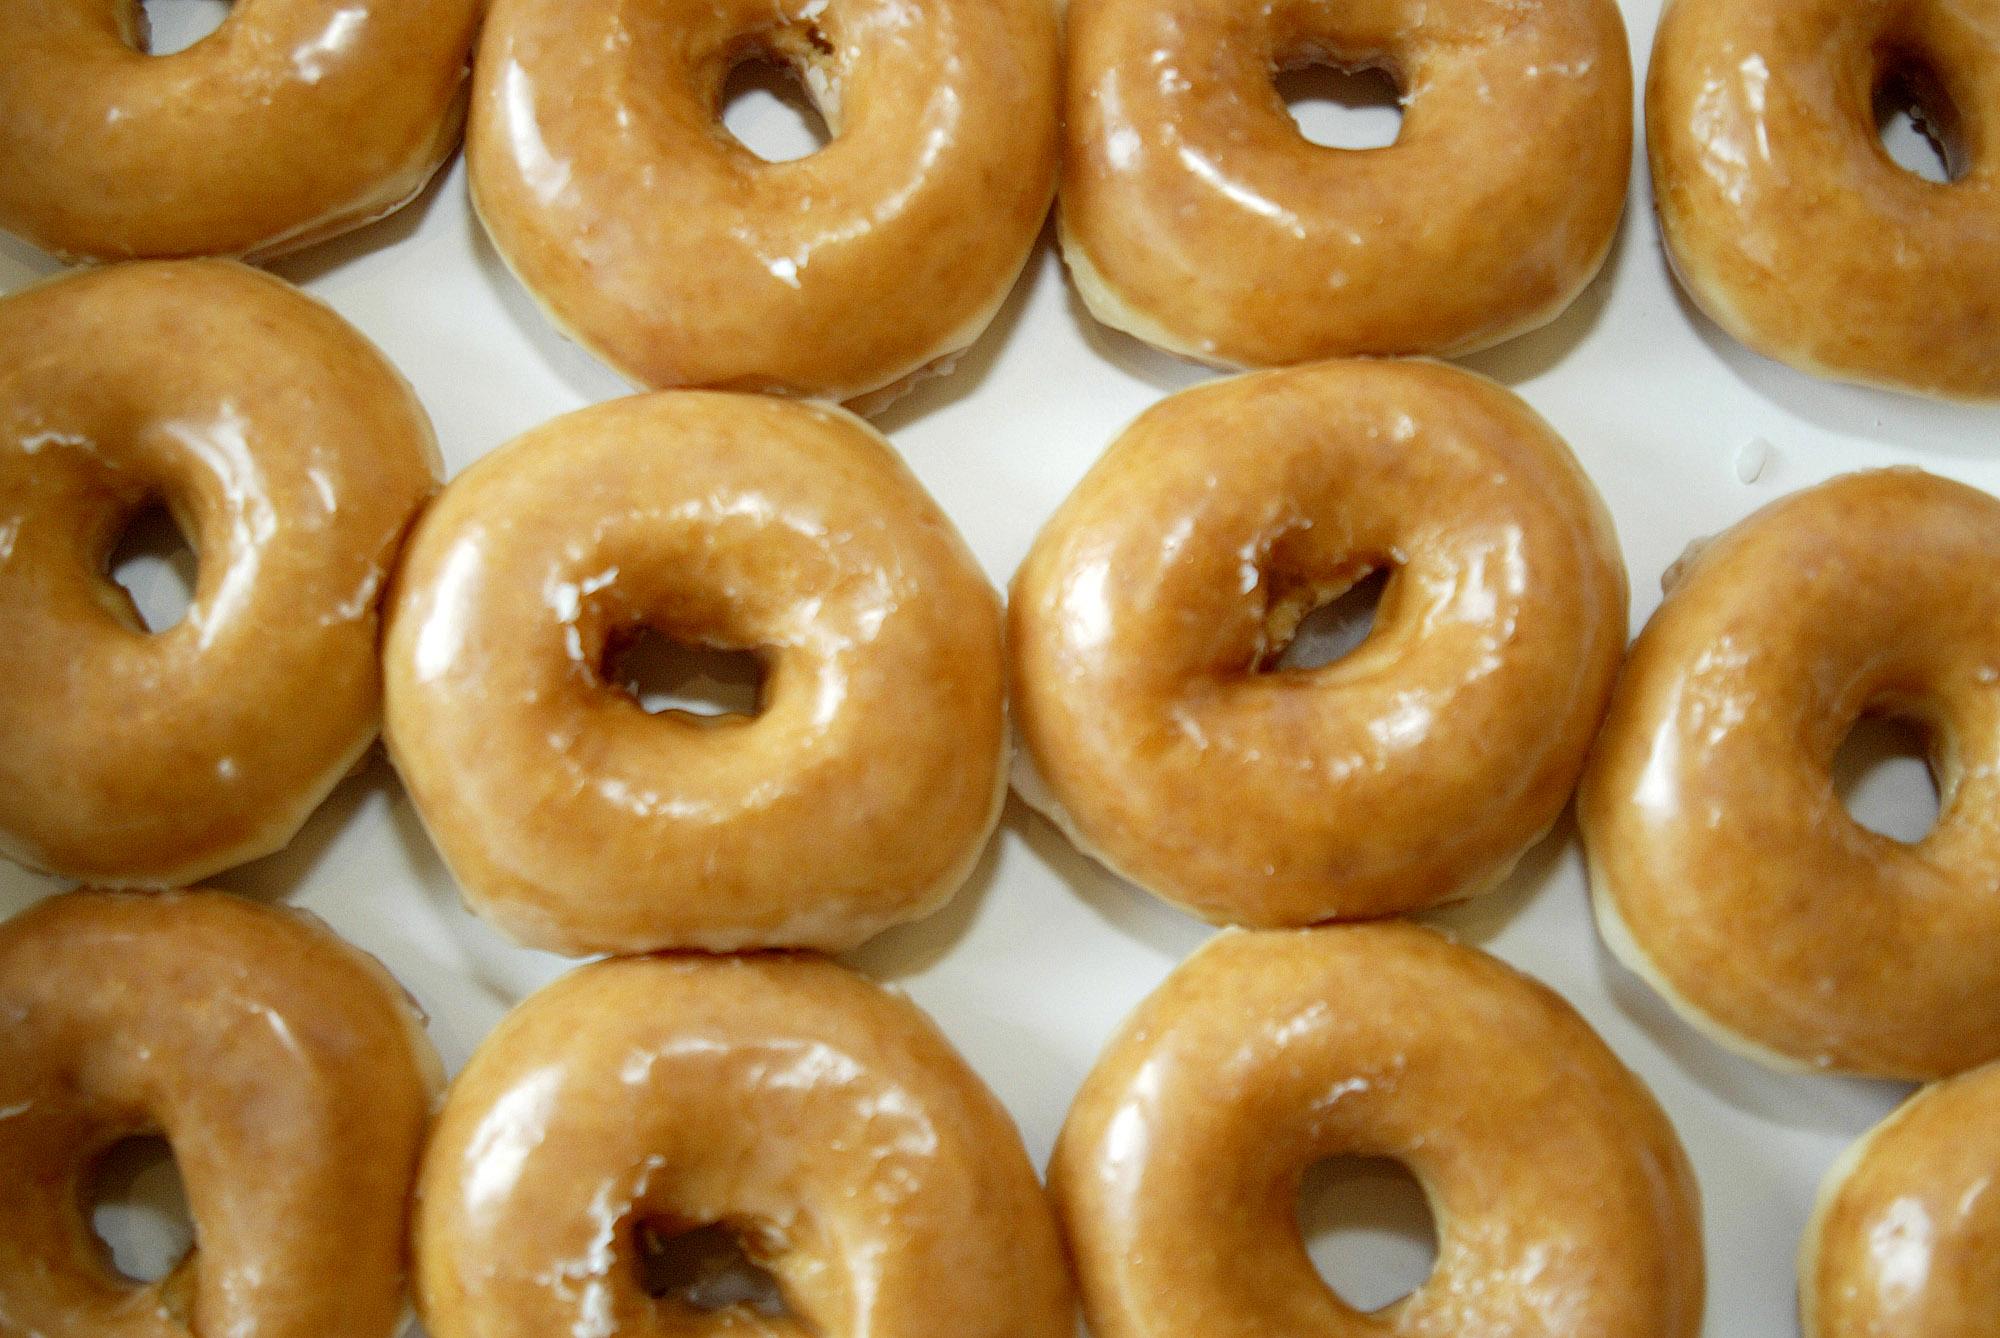 A box of glazed doughnuts is seen at a Krispy Kreme in Charl